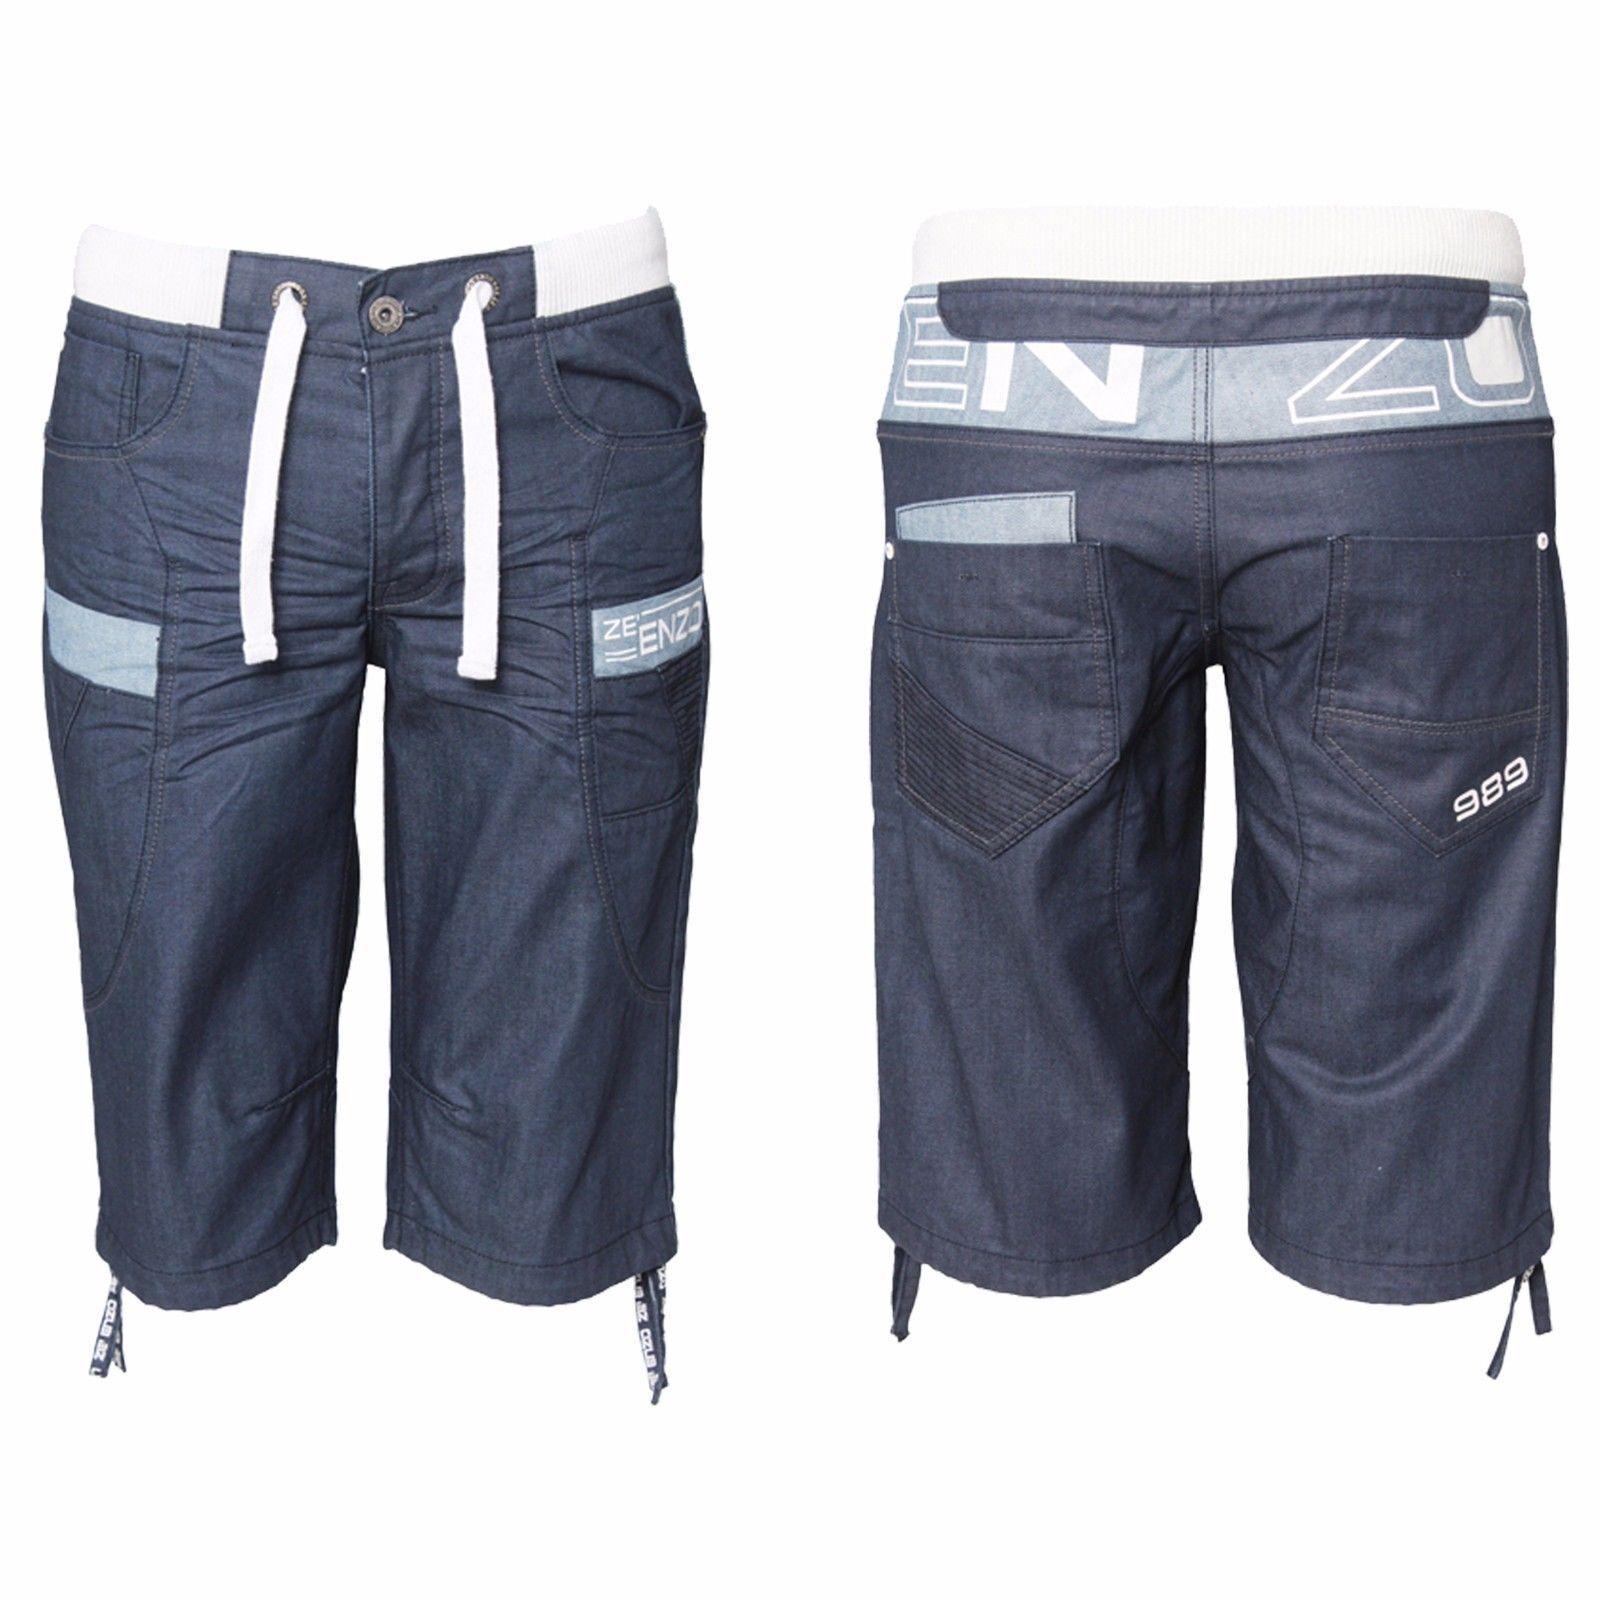 0a567a7c658802 Herren Enzo elastischer Bund Denim Shorts toller Detail EZS 372 -  dunkelblau | Gute Qualität